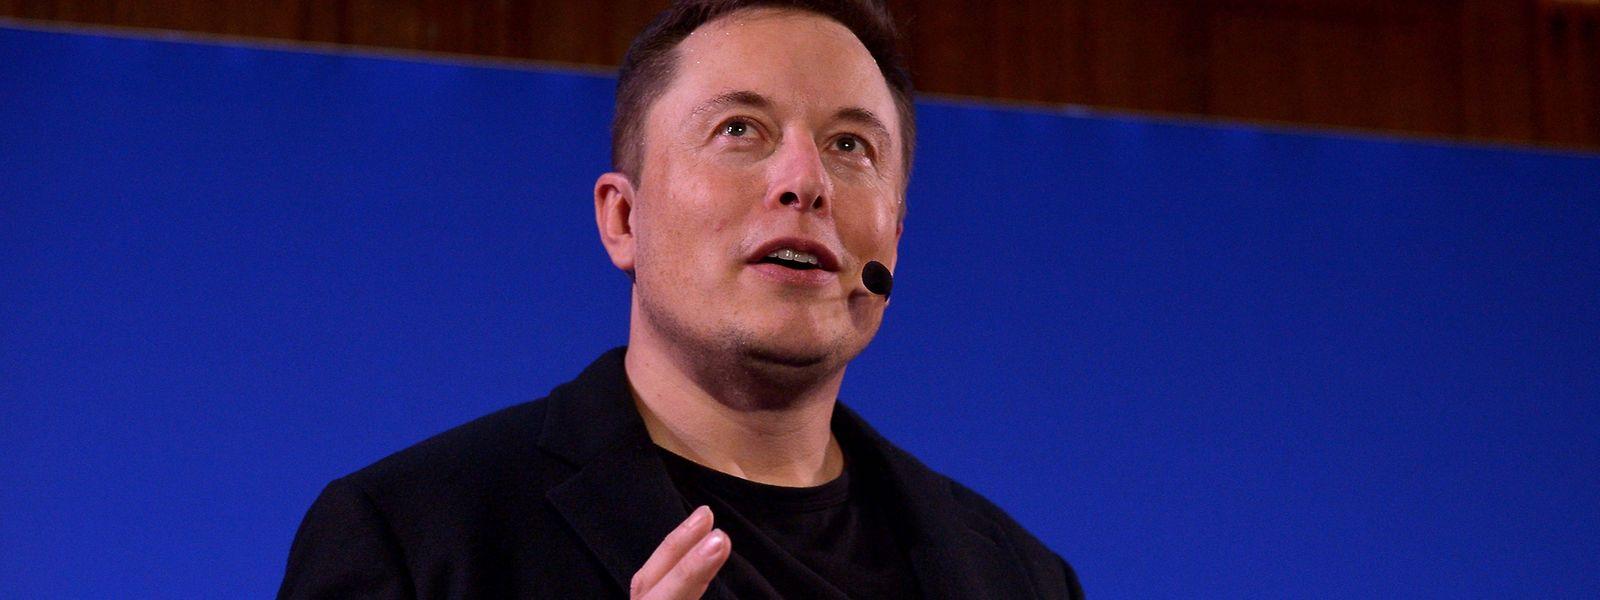 Nach der Kritik der selbstfahrenden Autos, will Elon Musk jetzt lieber in Lkws und Busse investieren.